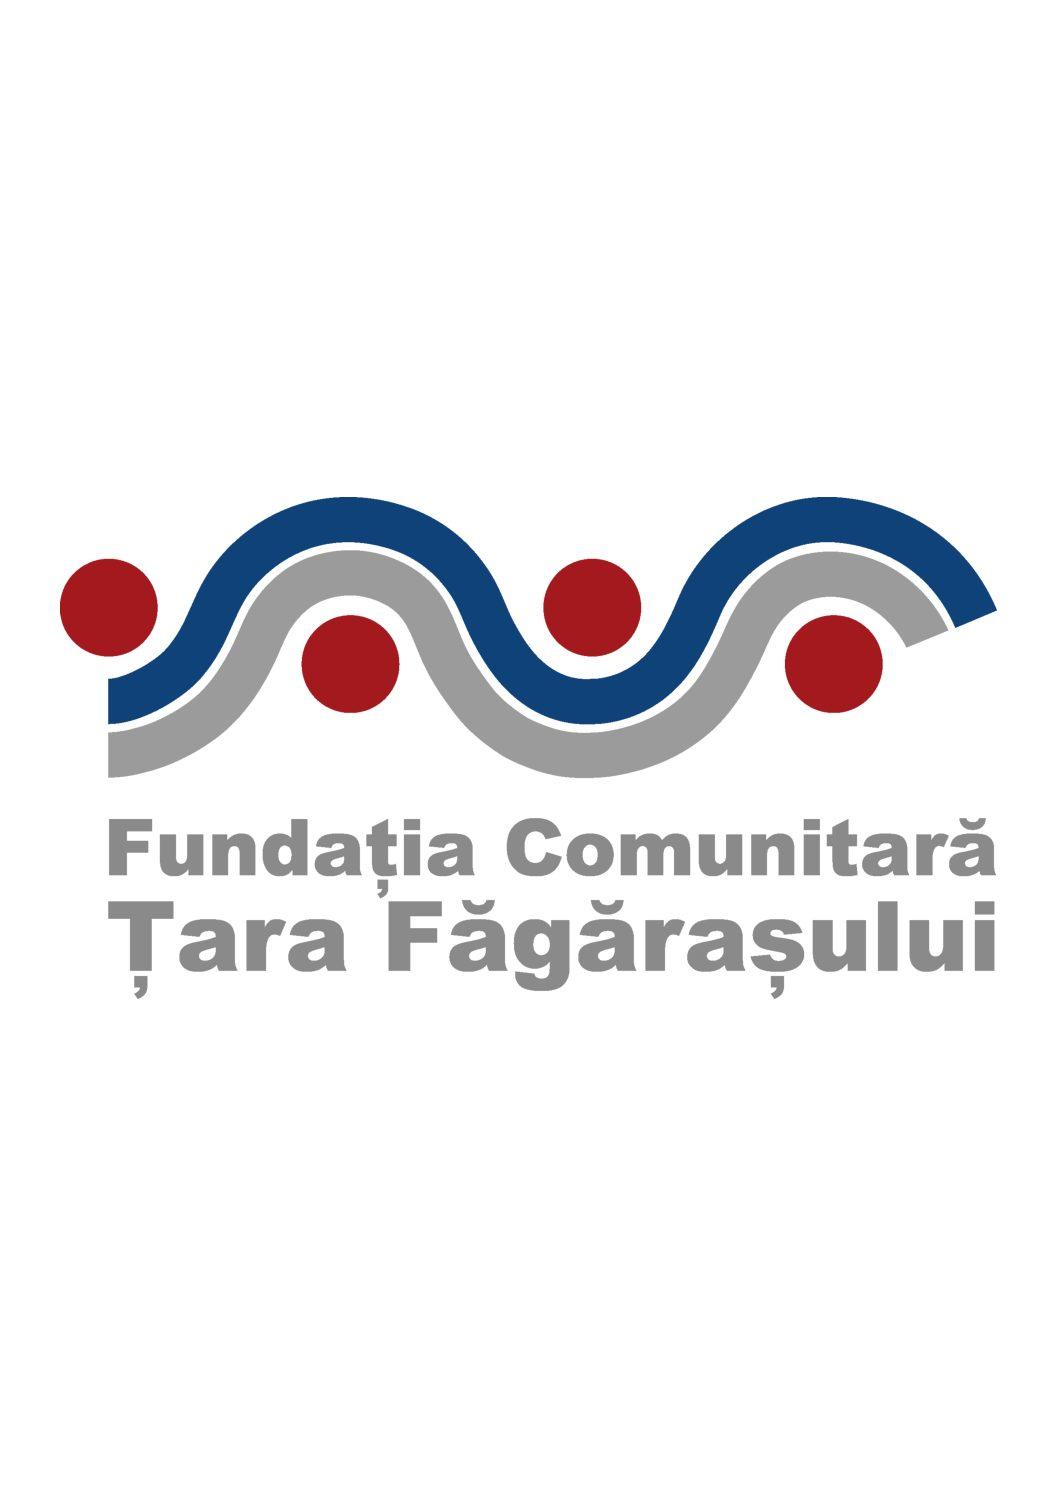 Fundatia Comunitara Fagaras